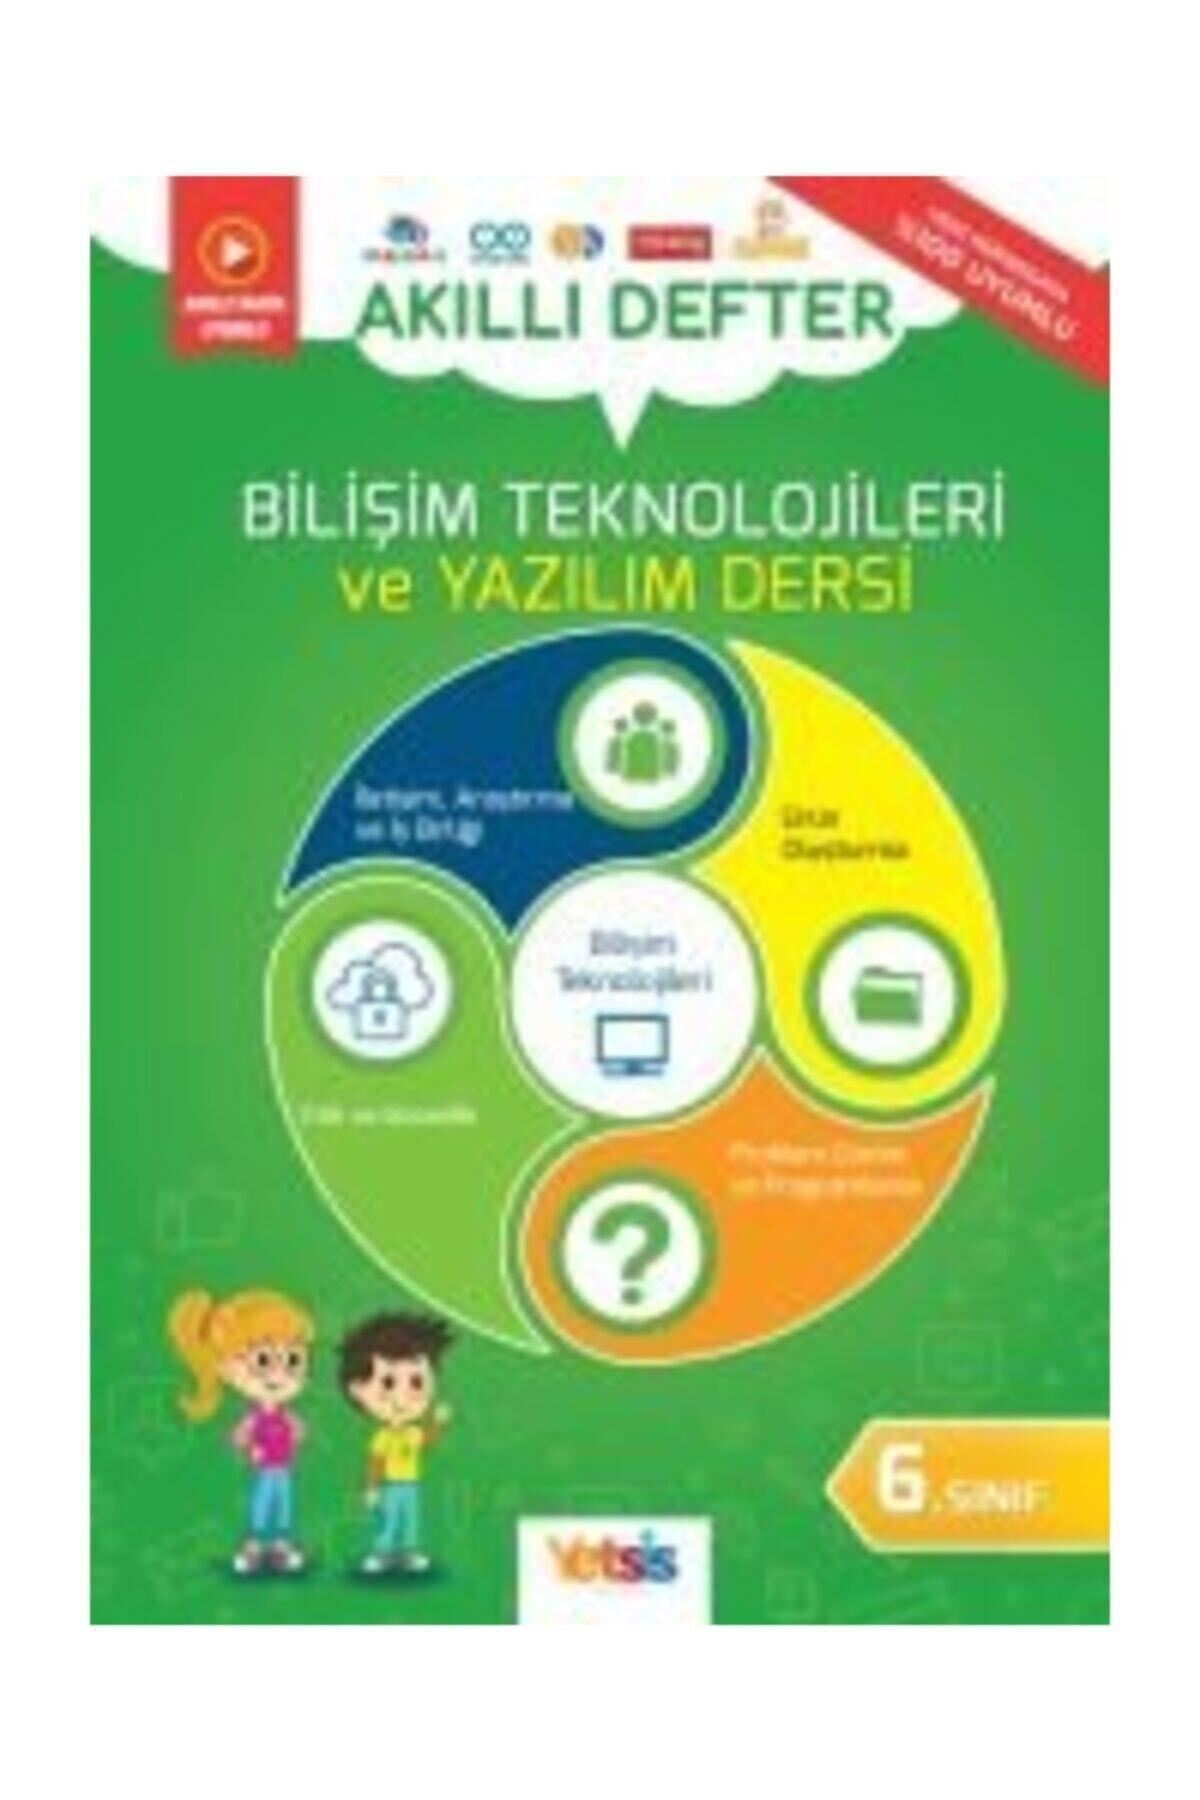 6. Sınıf Bilişim Teknolojileri Ve Yazılım Dersi Akıllı Defter